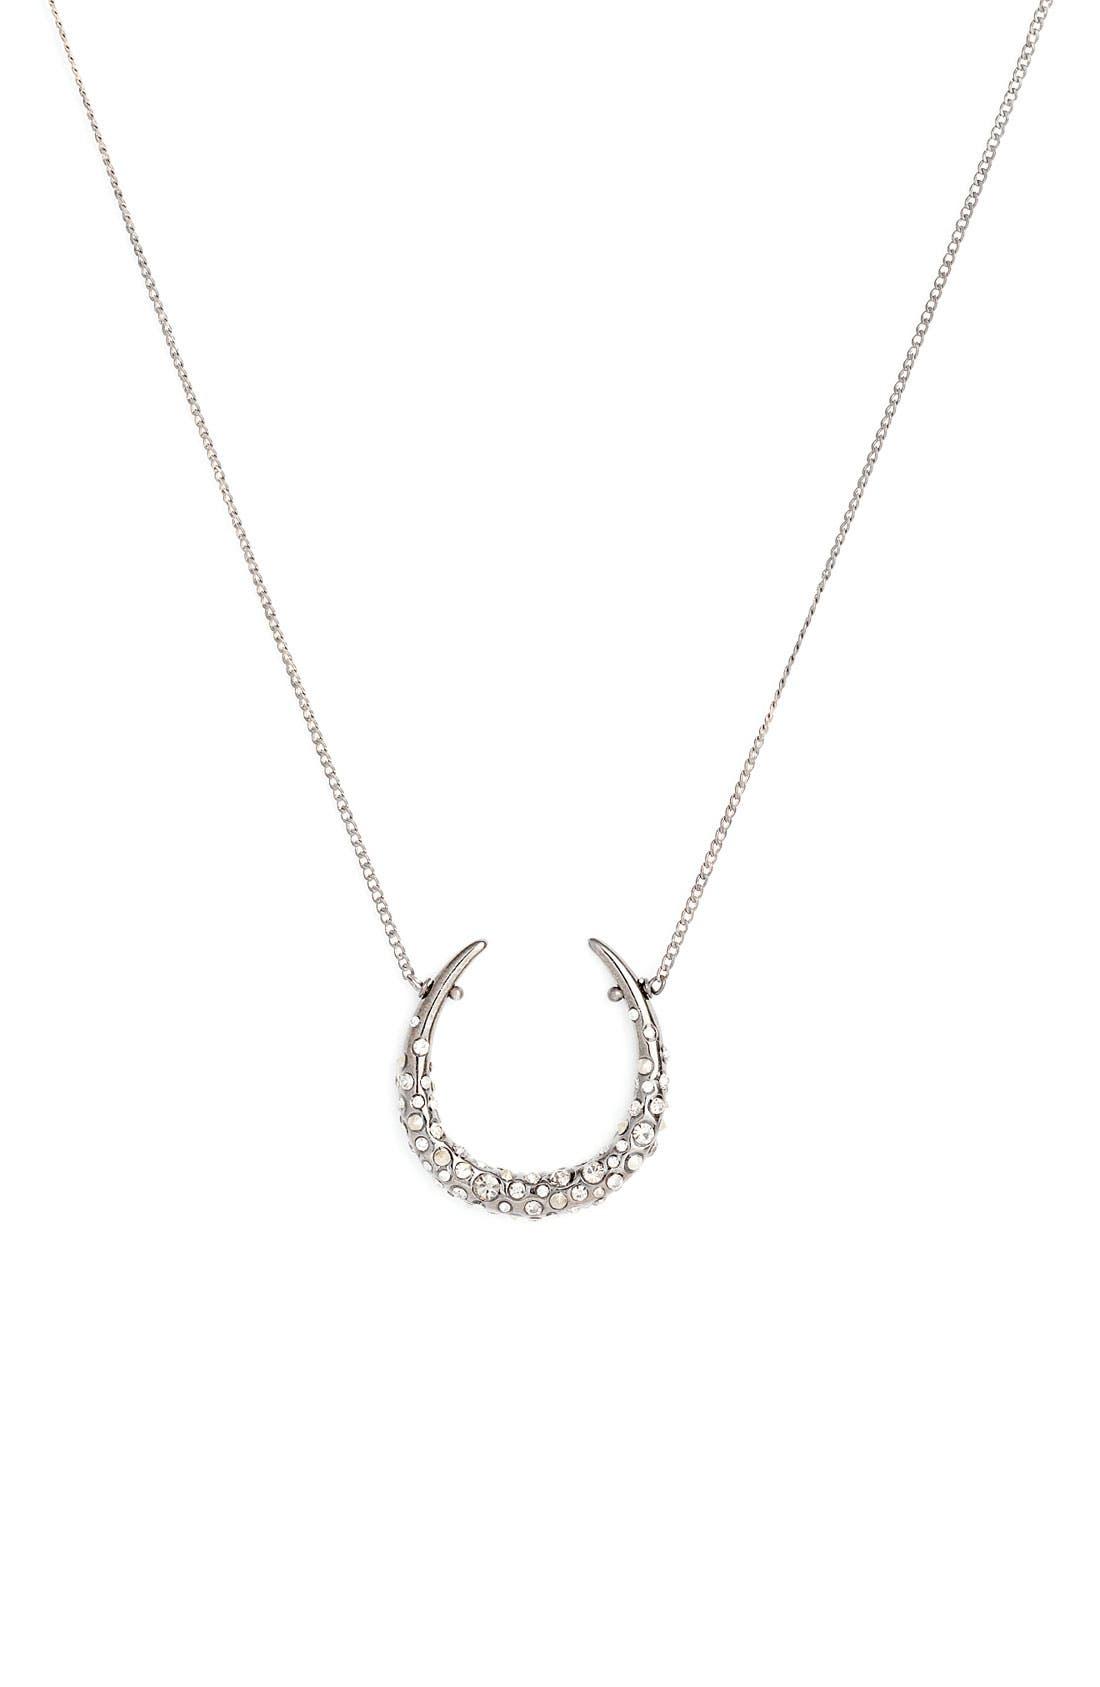 Alternate Image 1 Selected - Alexis Bittar 'Miss Havisham' Encrusted Horseshoe Necklace